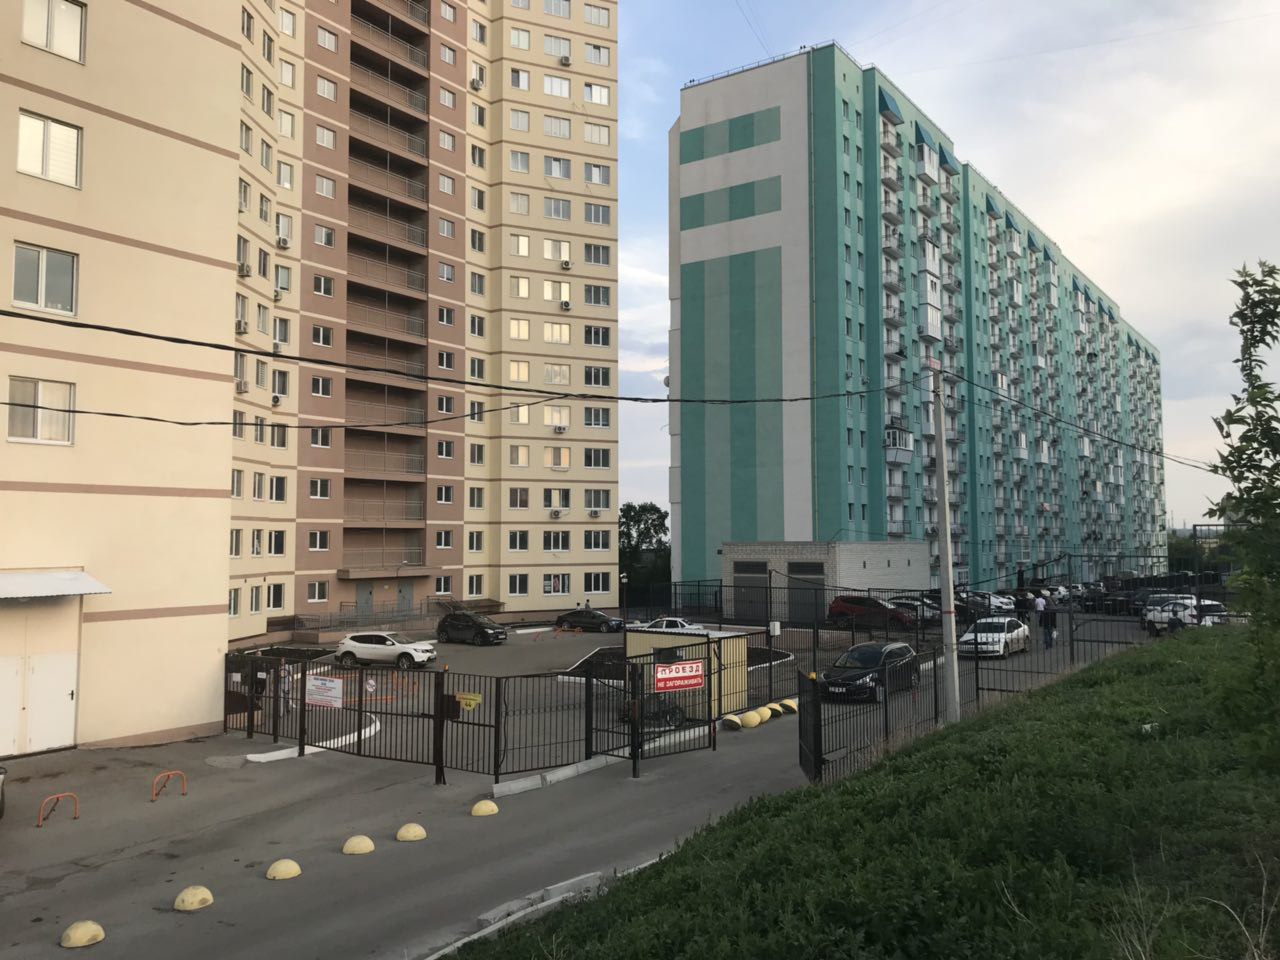 Купить квартиру в ЖК Улеши - Саратов, ЖК Улеши 1, ЖК Улеши 2 от ... | 960x1280